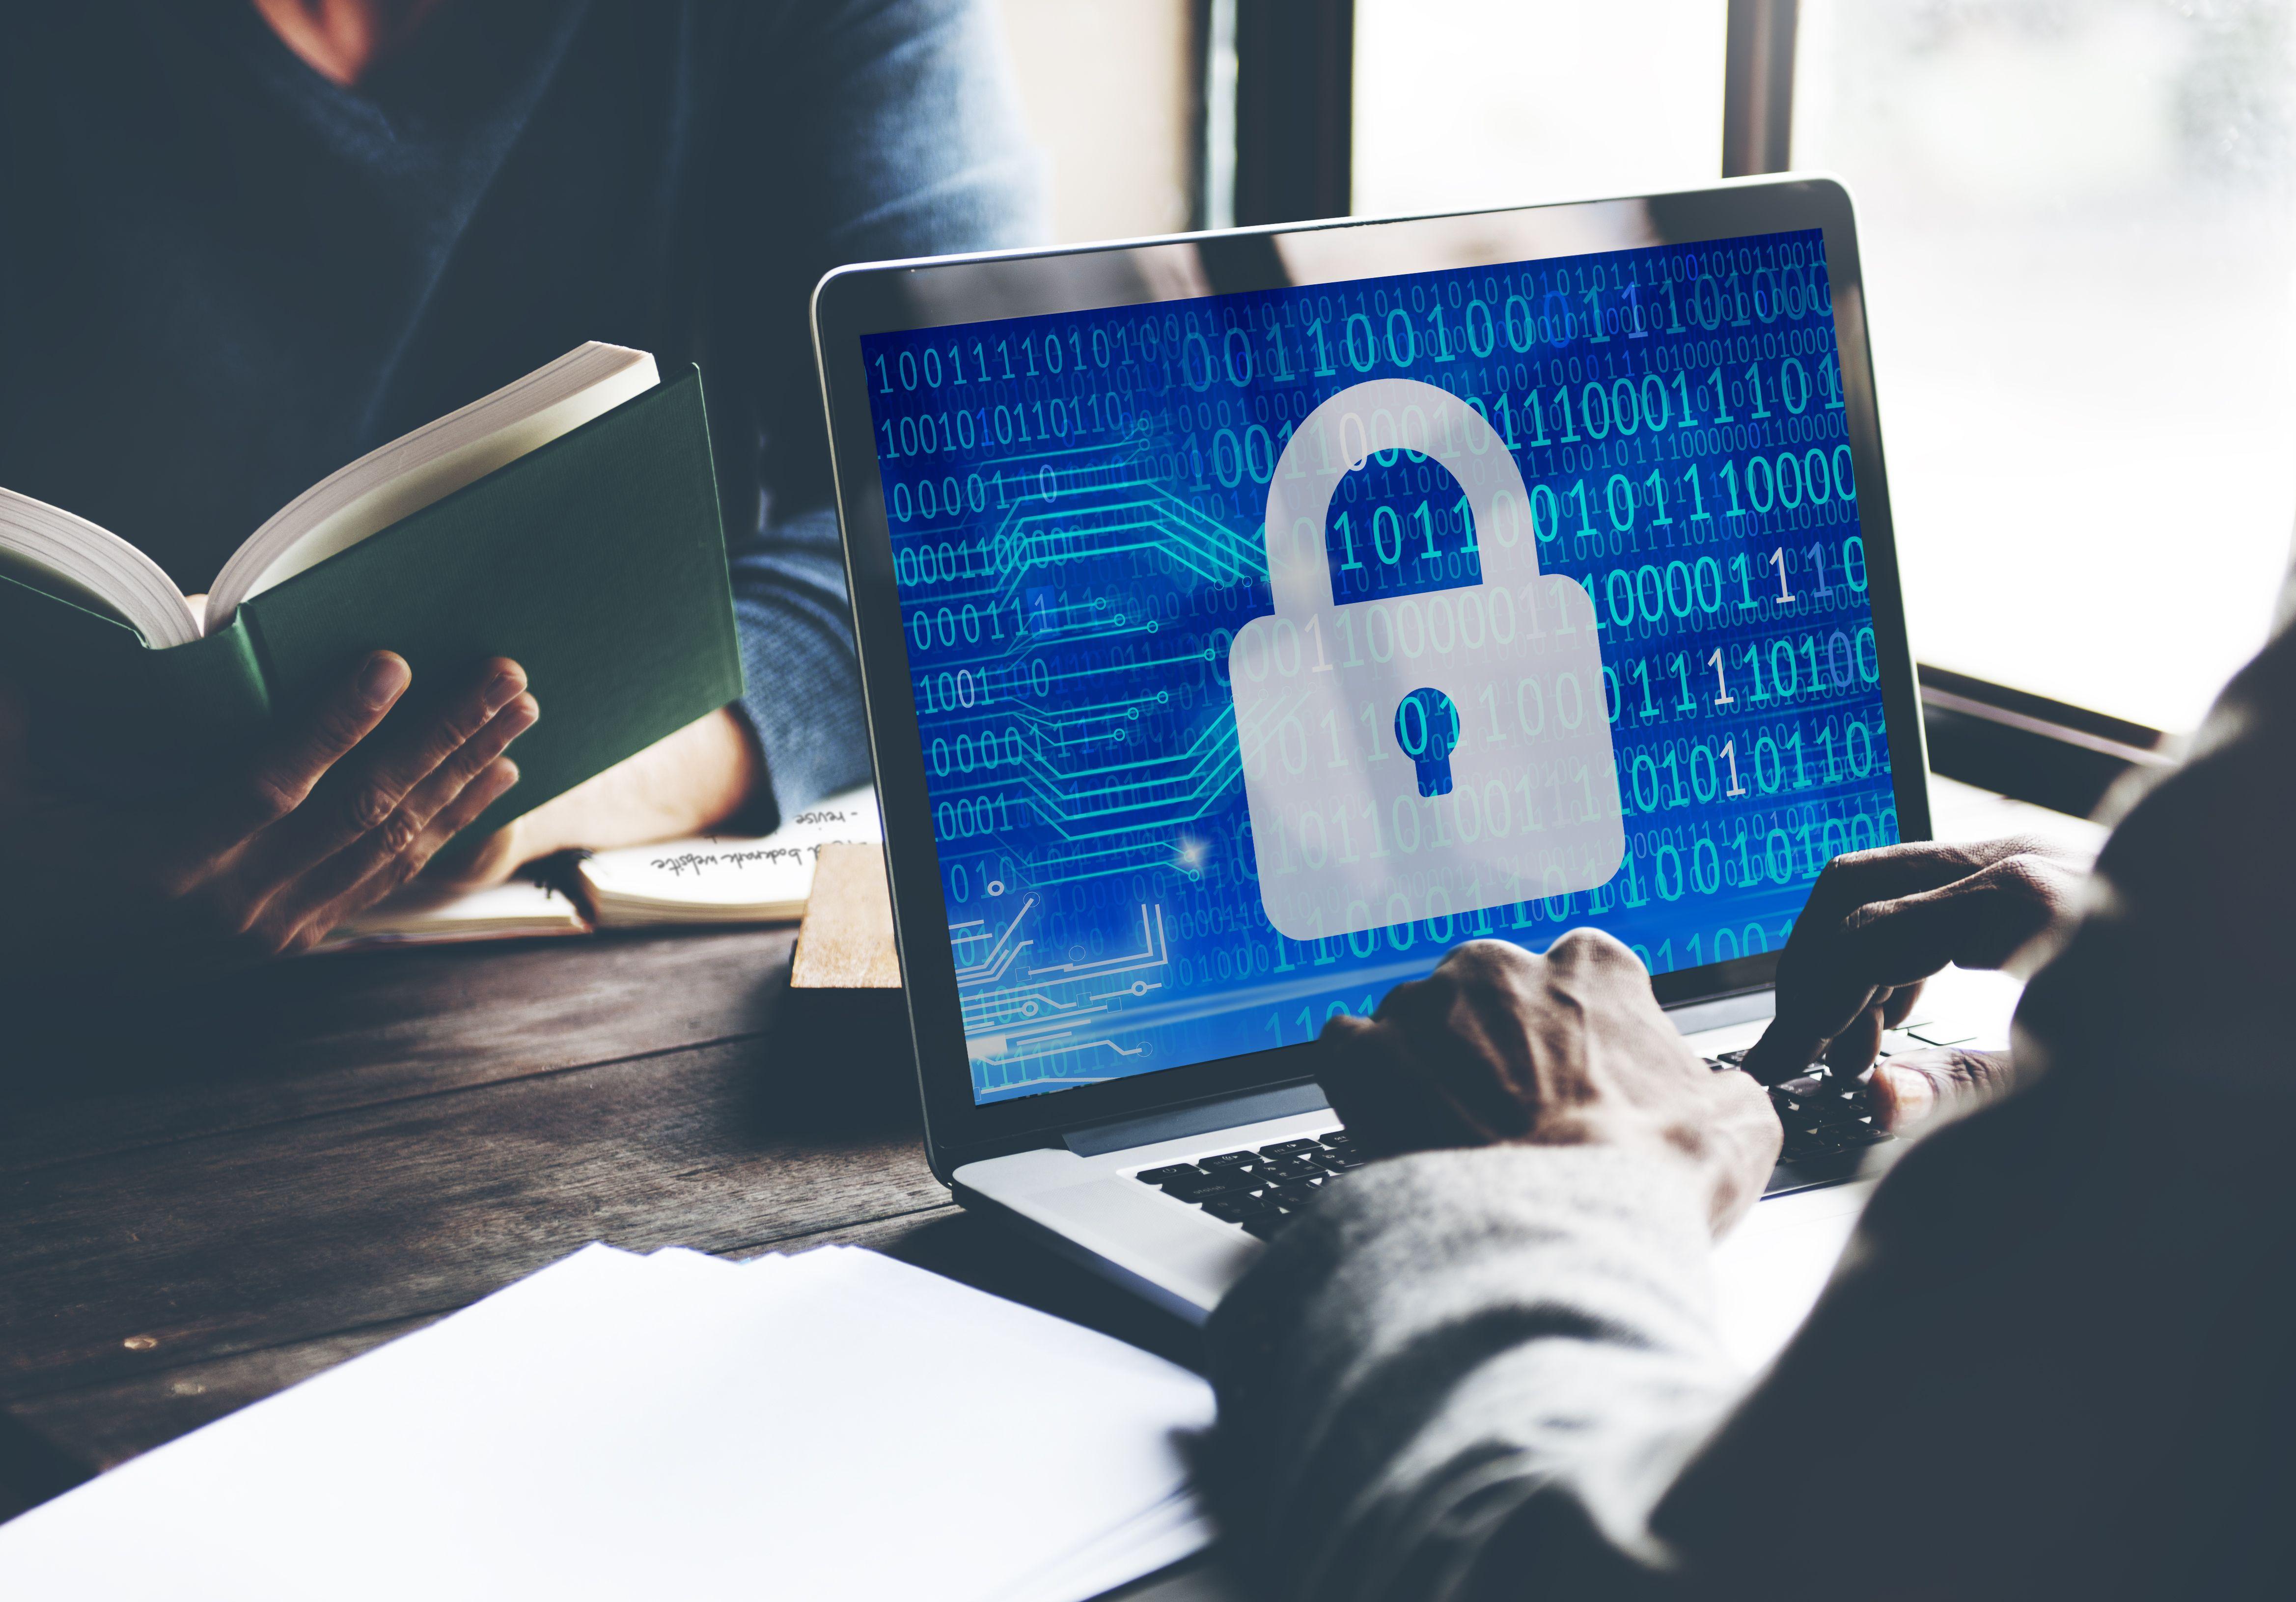 Revisión e Implantación de normativa en Protección de Datos: Servicios de MCYC Legal